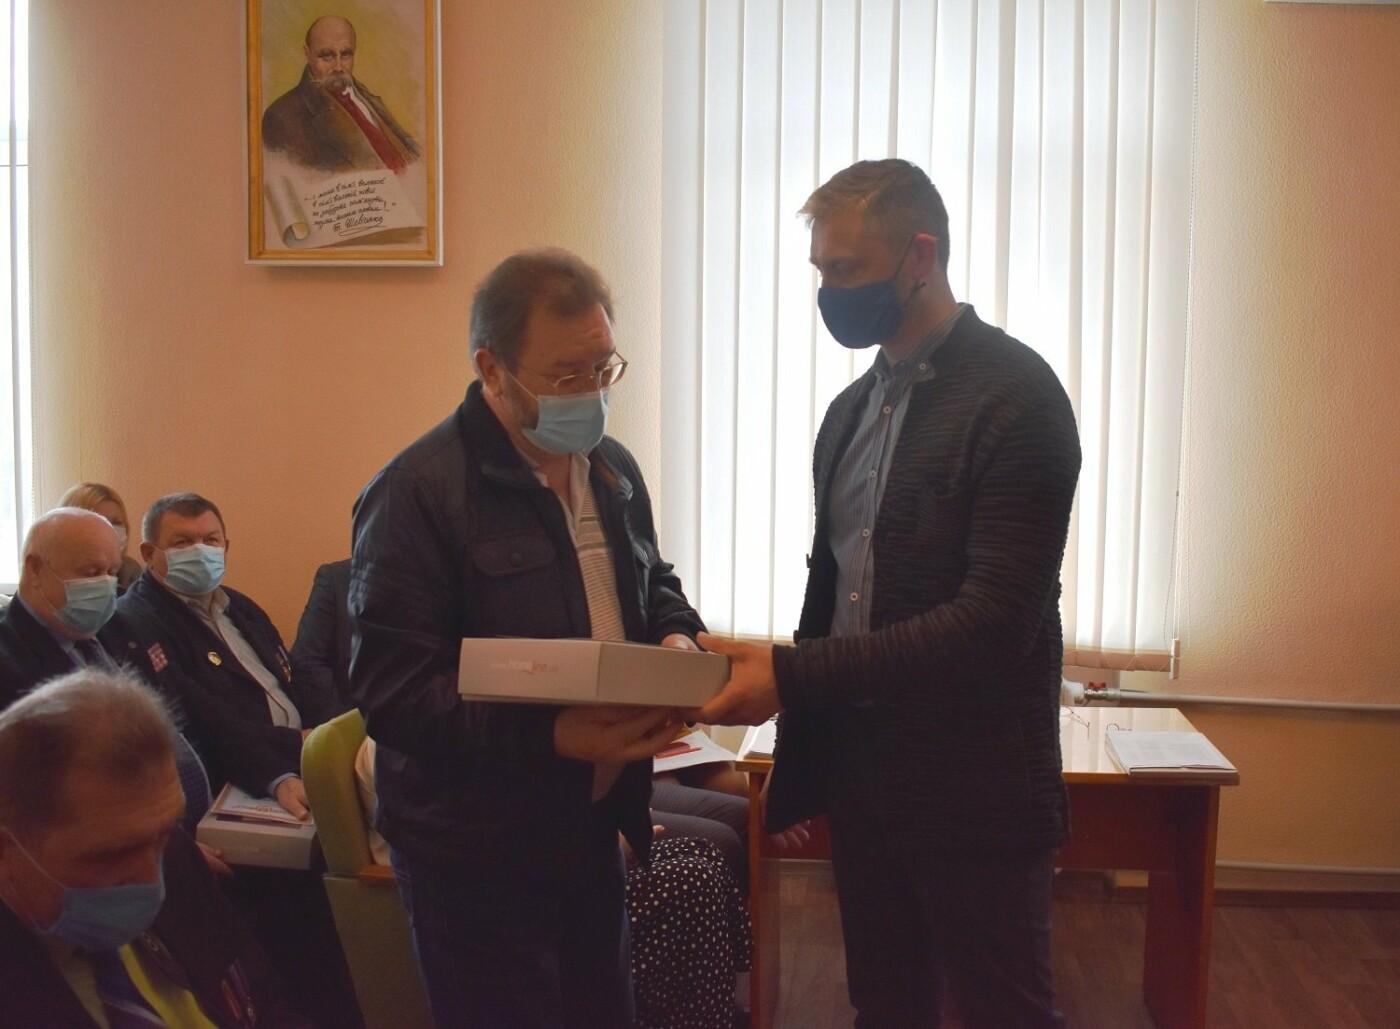 В Северодонецке наградили грамотами ликвидаторов чернобыльской катастрофы (фото), фото-8